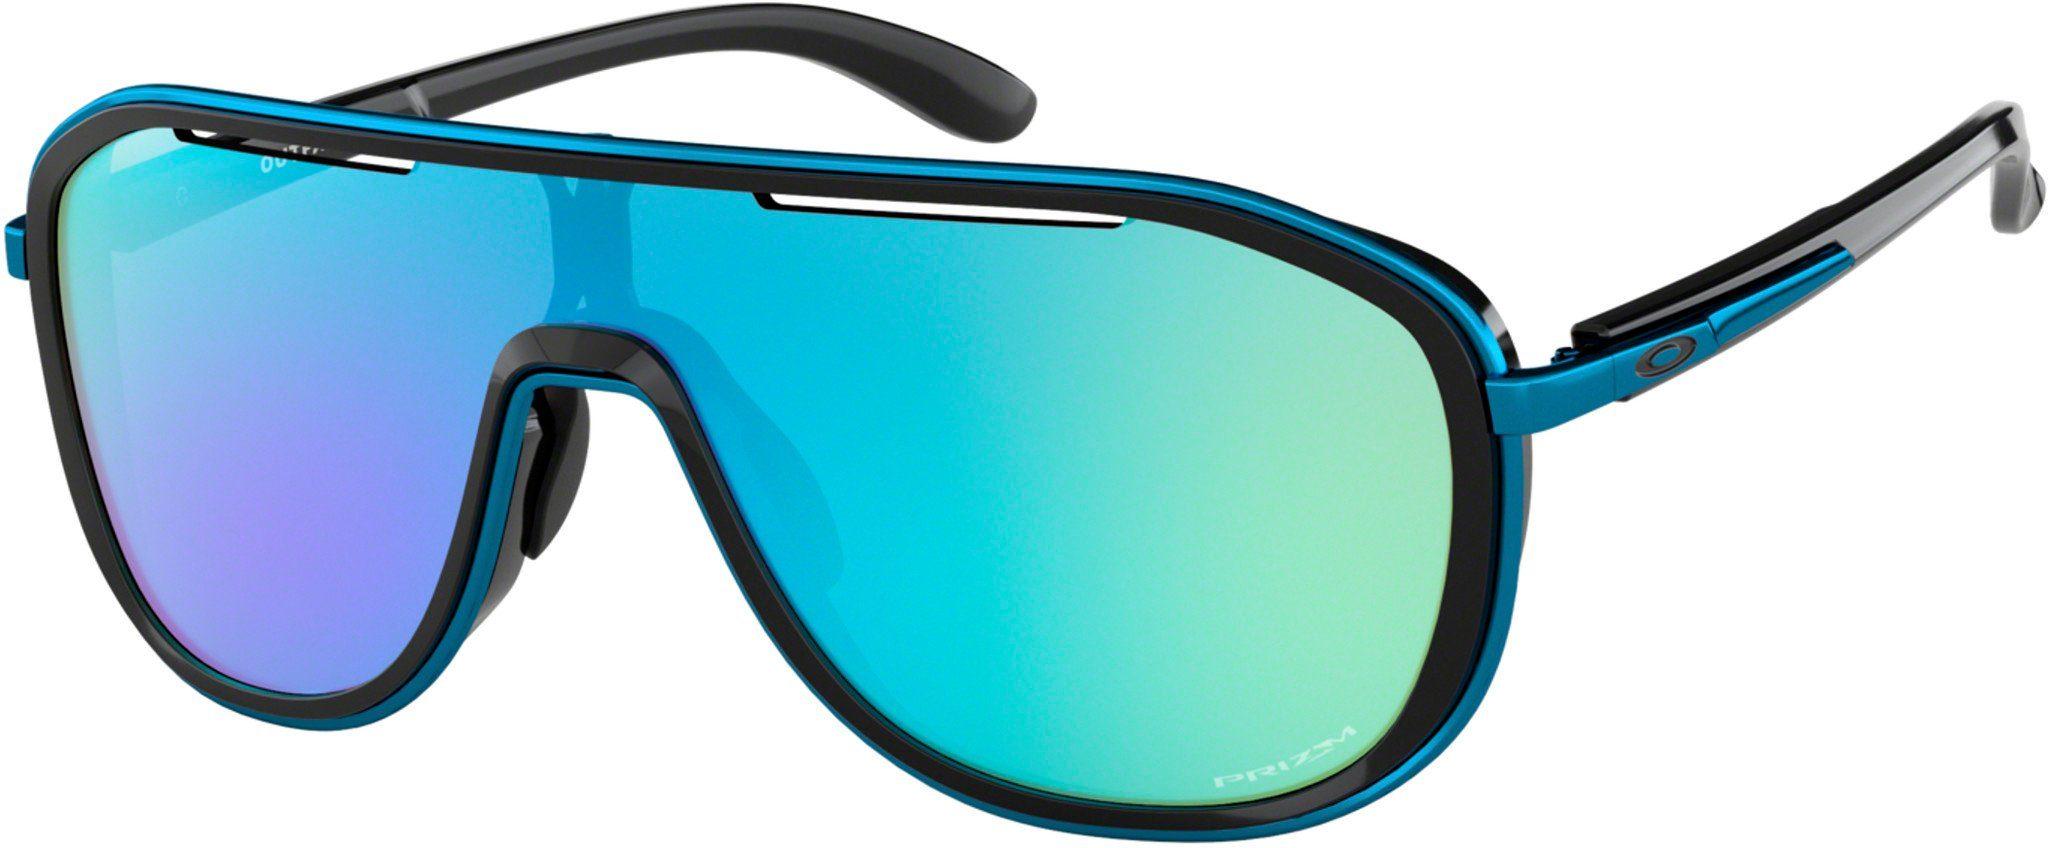 Oakley Radsportbrille »Outpace Sunglasses«, schwarz, schwarz